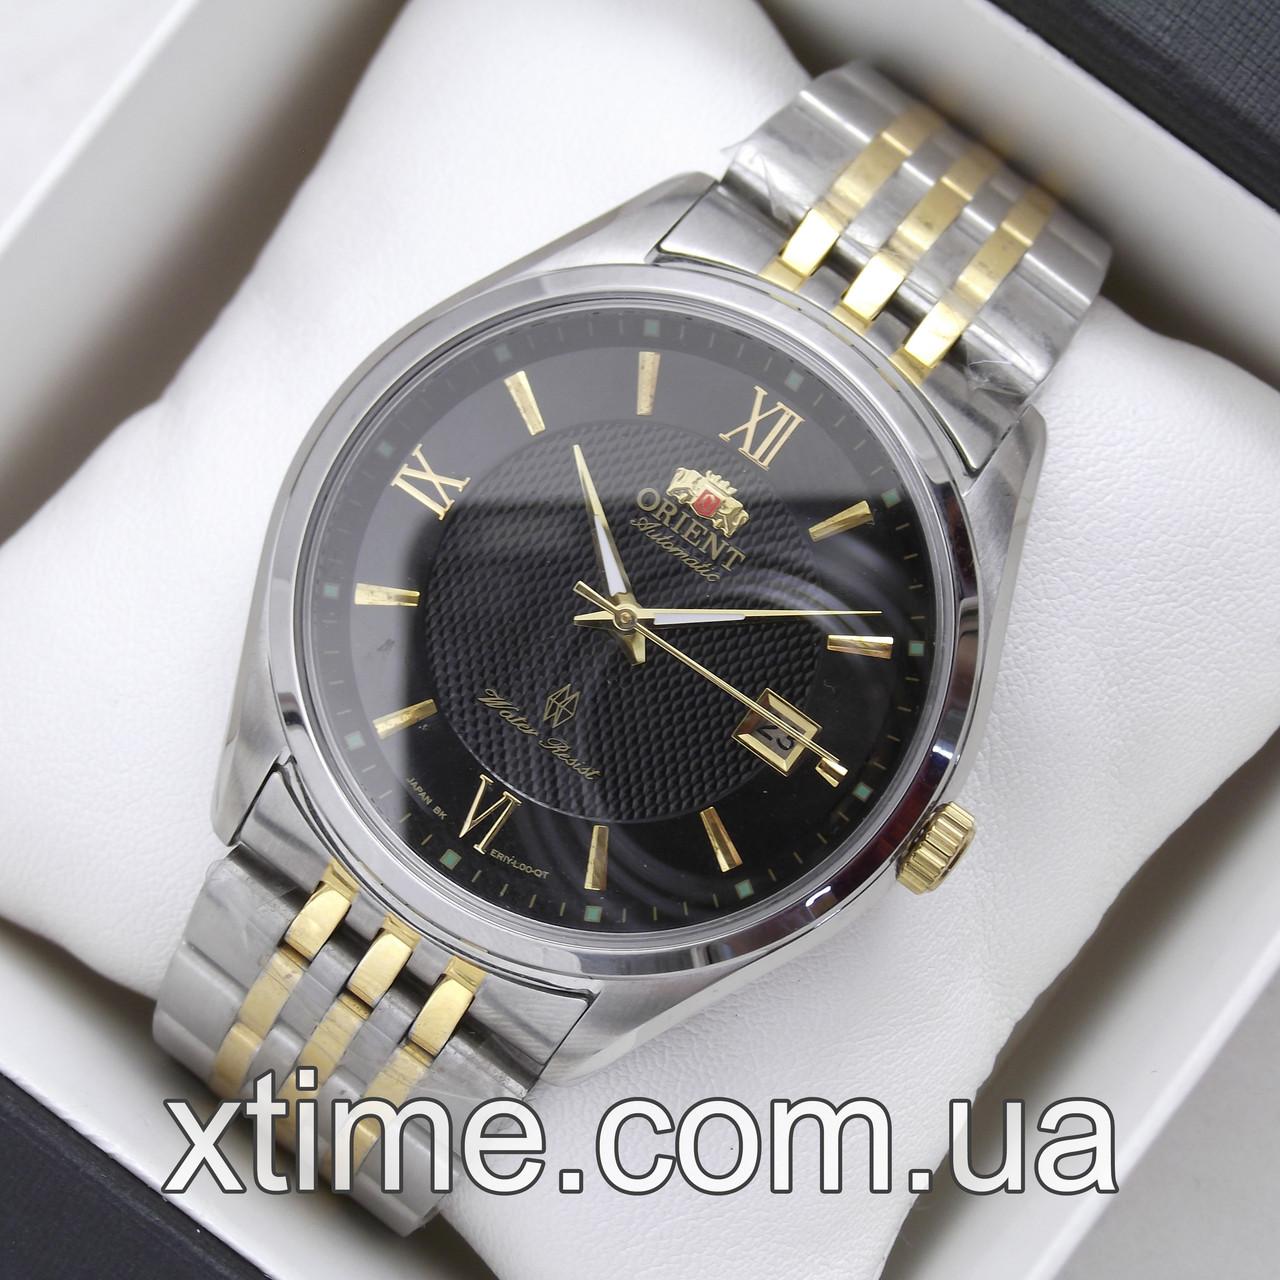 Б у часы наручные orient швейцарские часы копии купить и цены